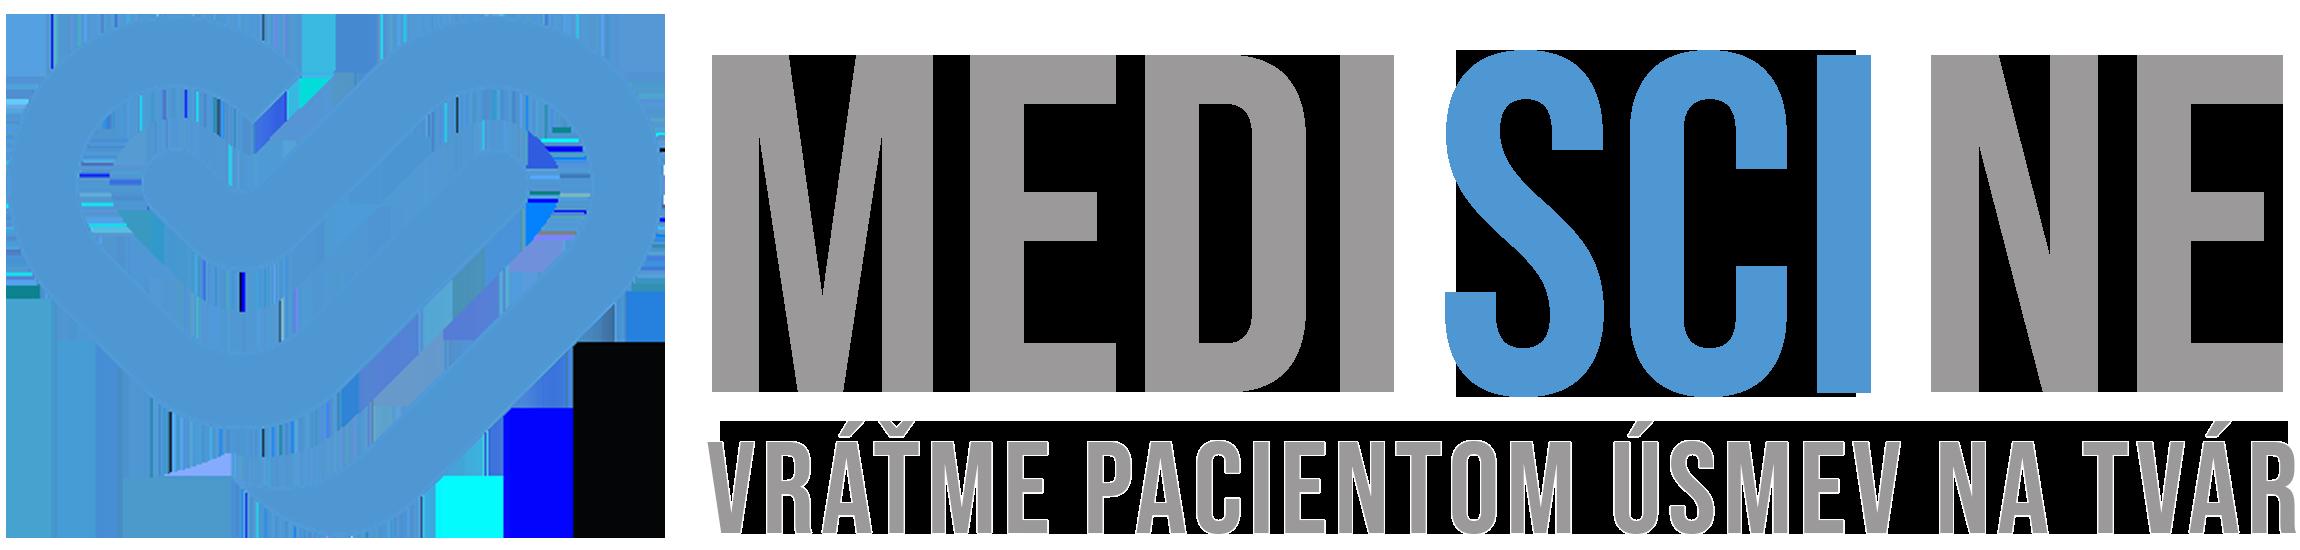 MediScine